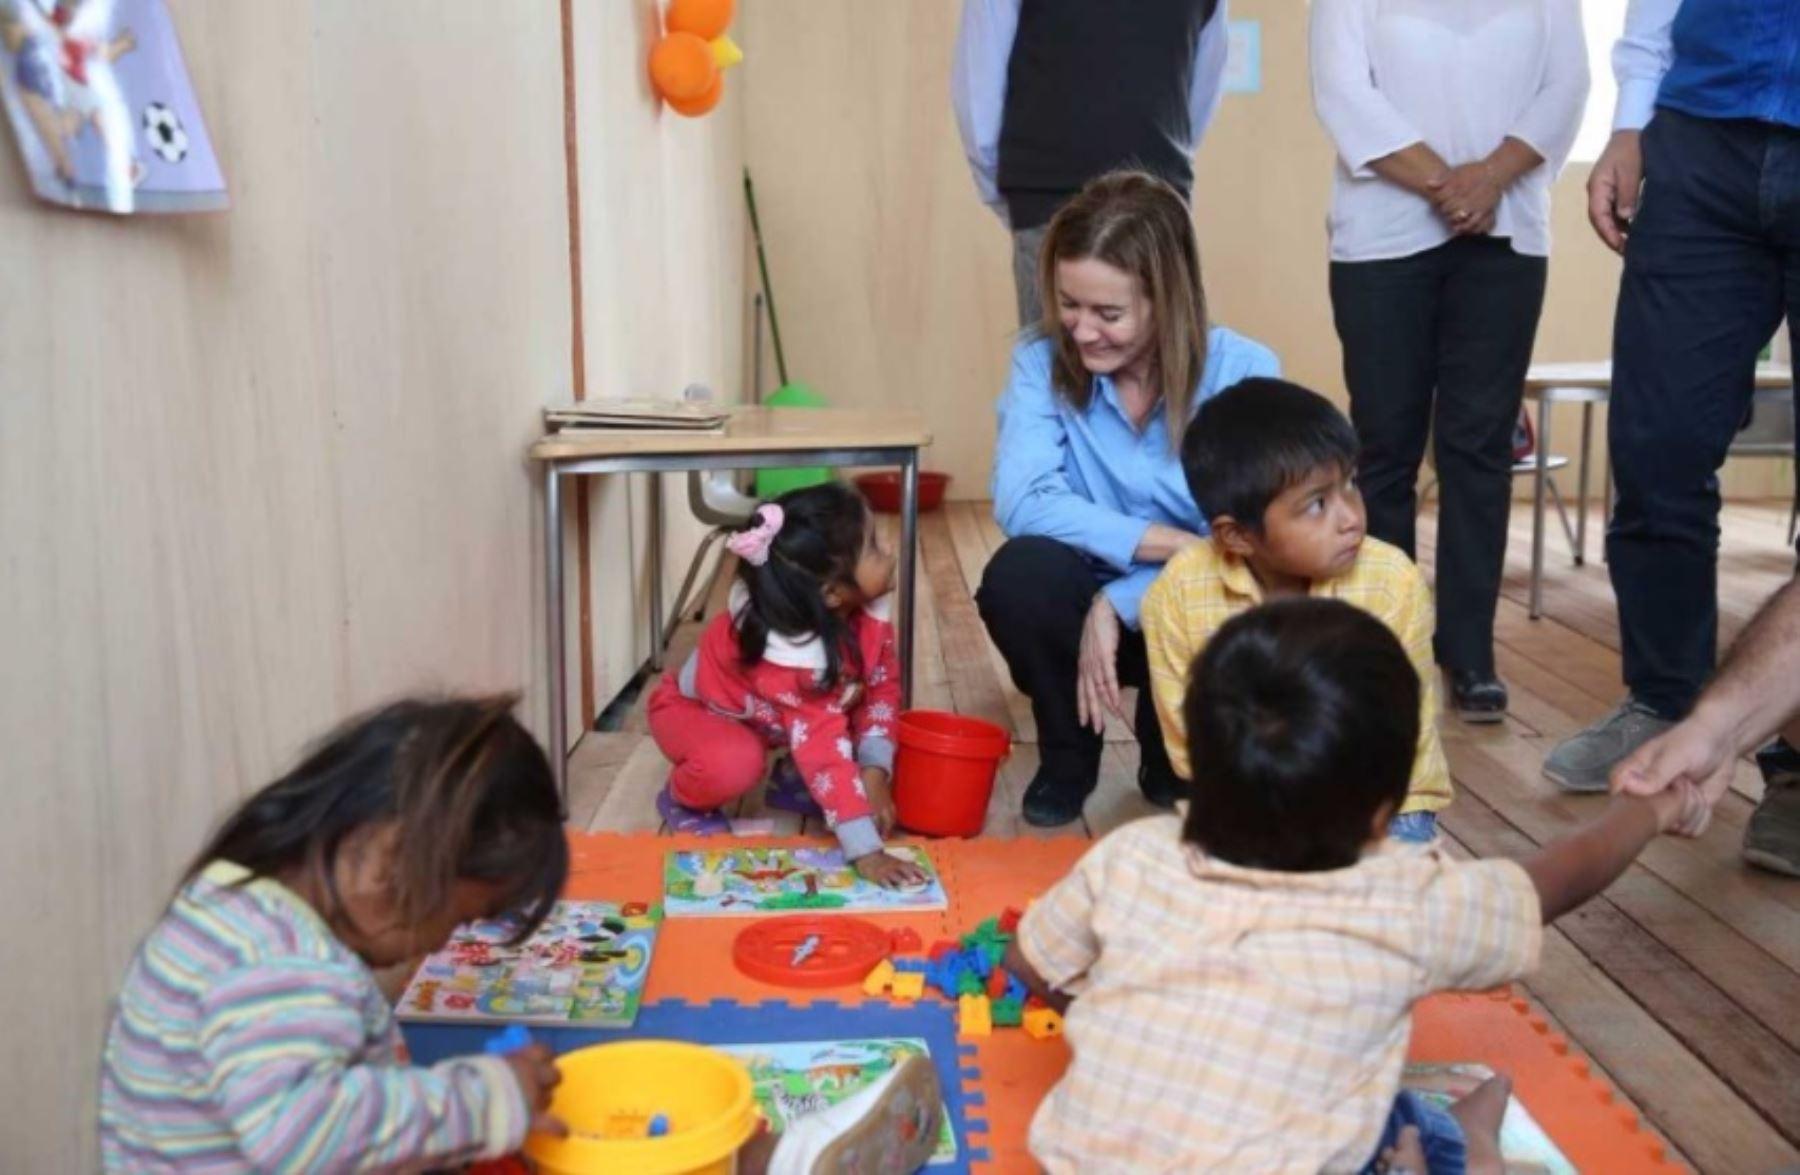 """Como parte de las acciones de respuesta tras El Niño Costero, el Ministerio de Educación (Minedu), en alianza con el Fondo de las Naciones Unidas para la Infancia (Unicef) y la Dirección Regional de Educación de Piura, inauguró hoy 14 aulas temporales del programa """"Escuelas Cercanas"""" para atender a 391 escolares damnificados de Piura."""